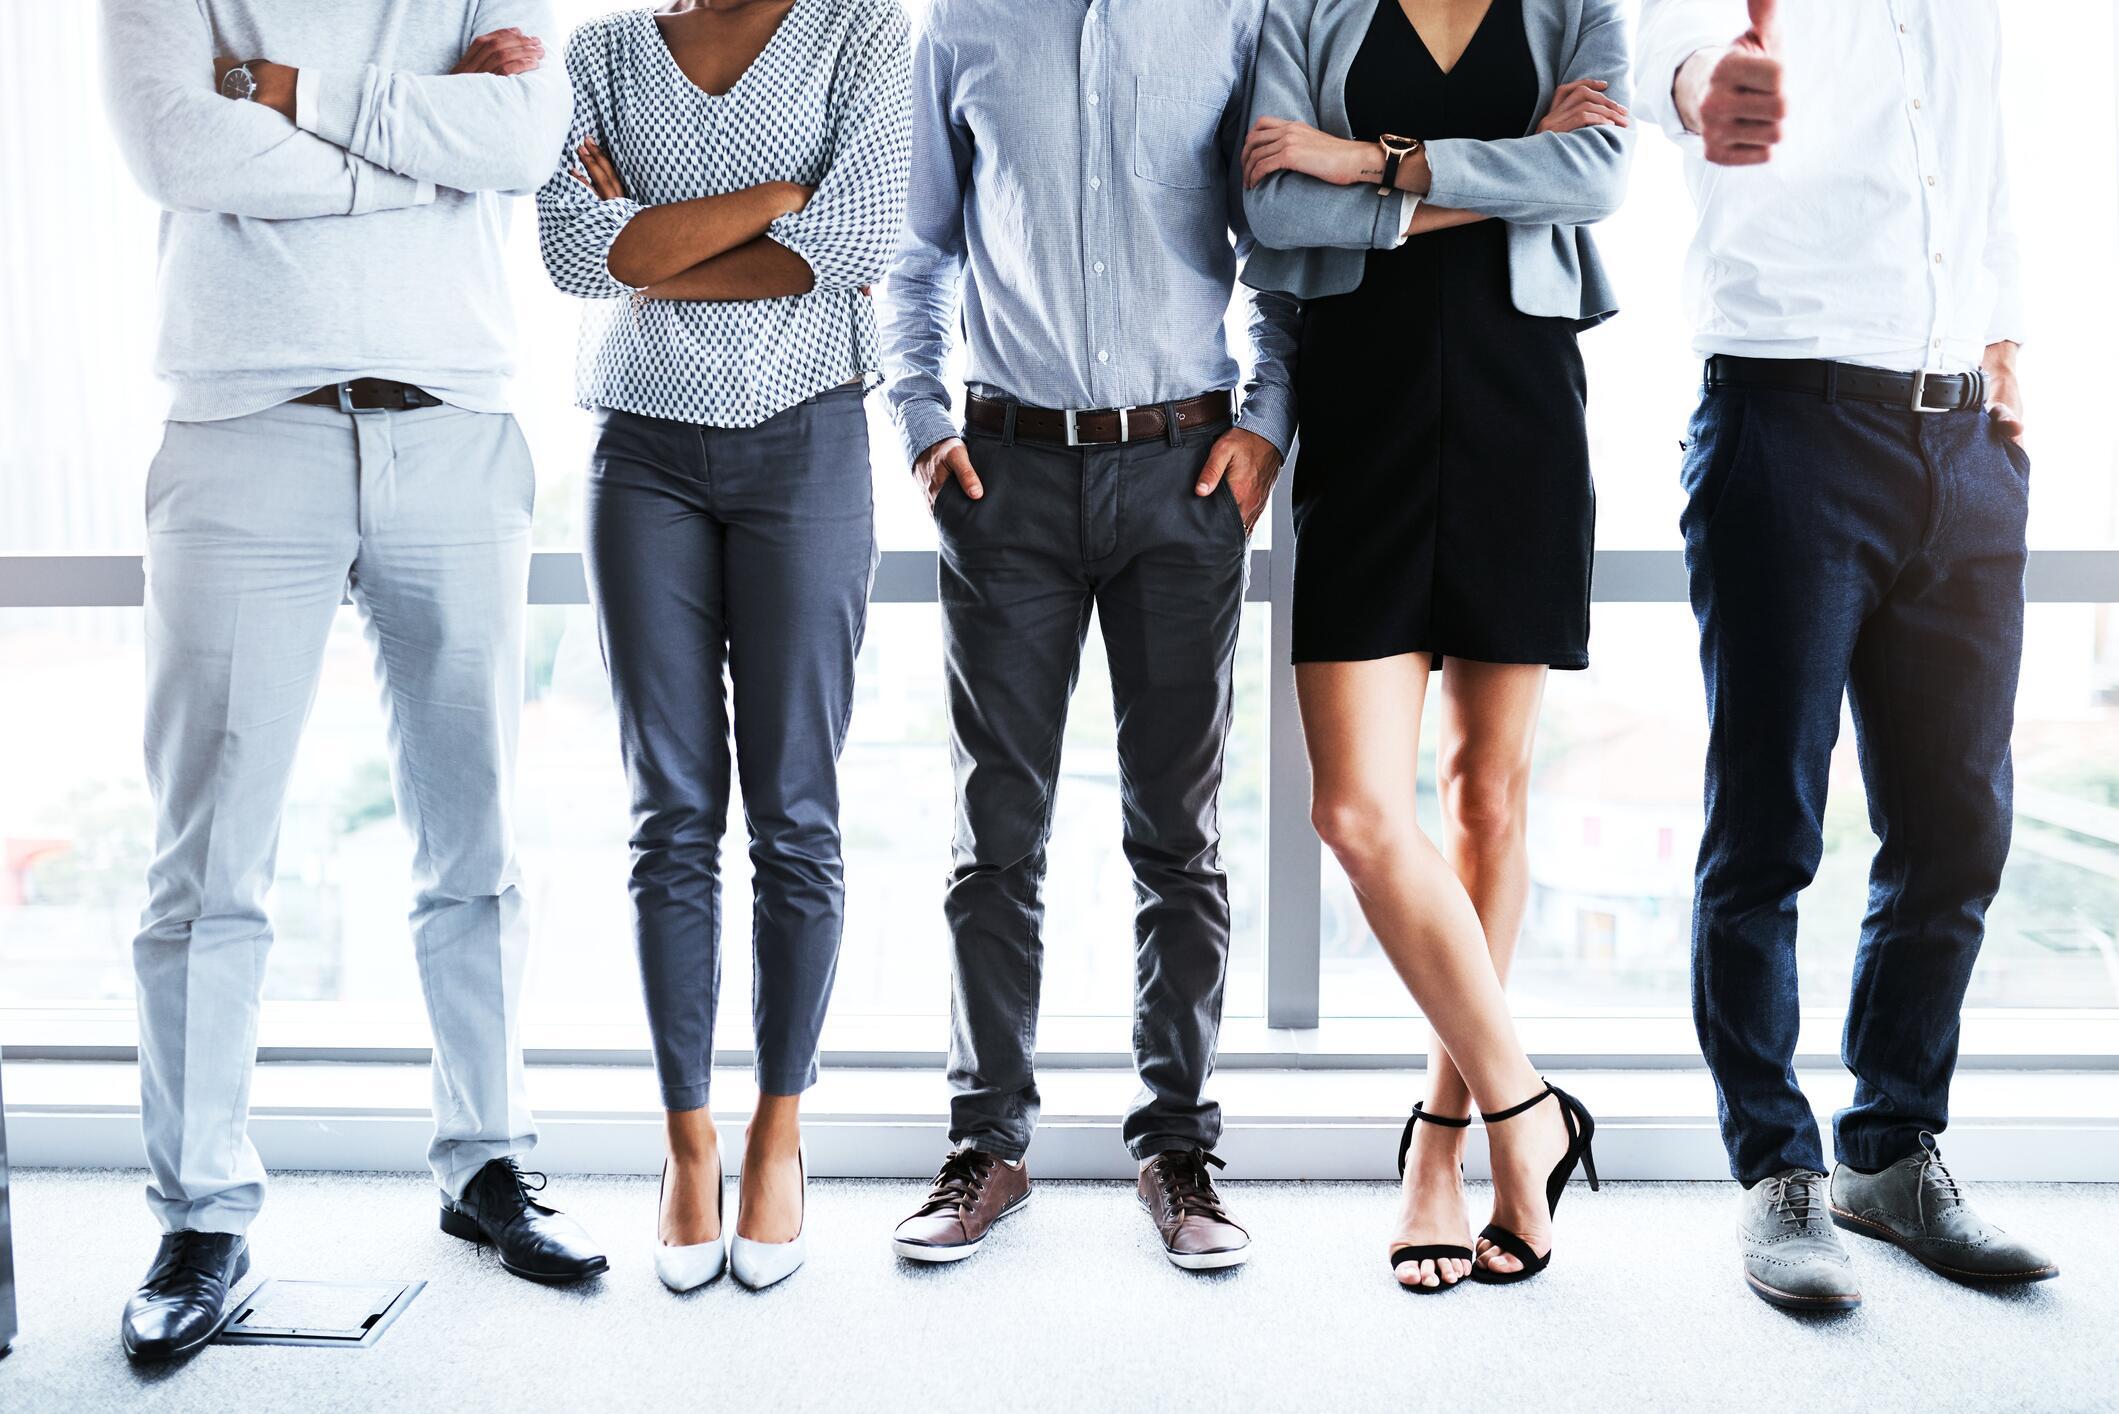 Bild zu Outfit, Mode, Fashion, Bewerbungsgespräch, Vorstellungsgespräch, Job, Bewerbung